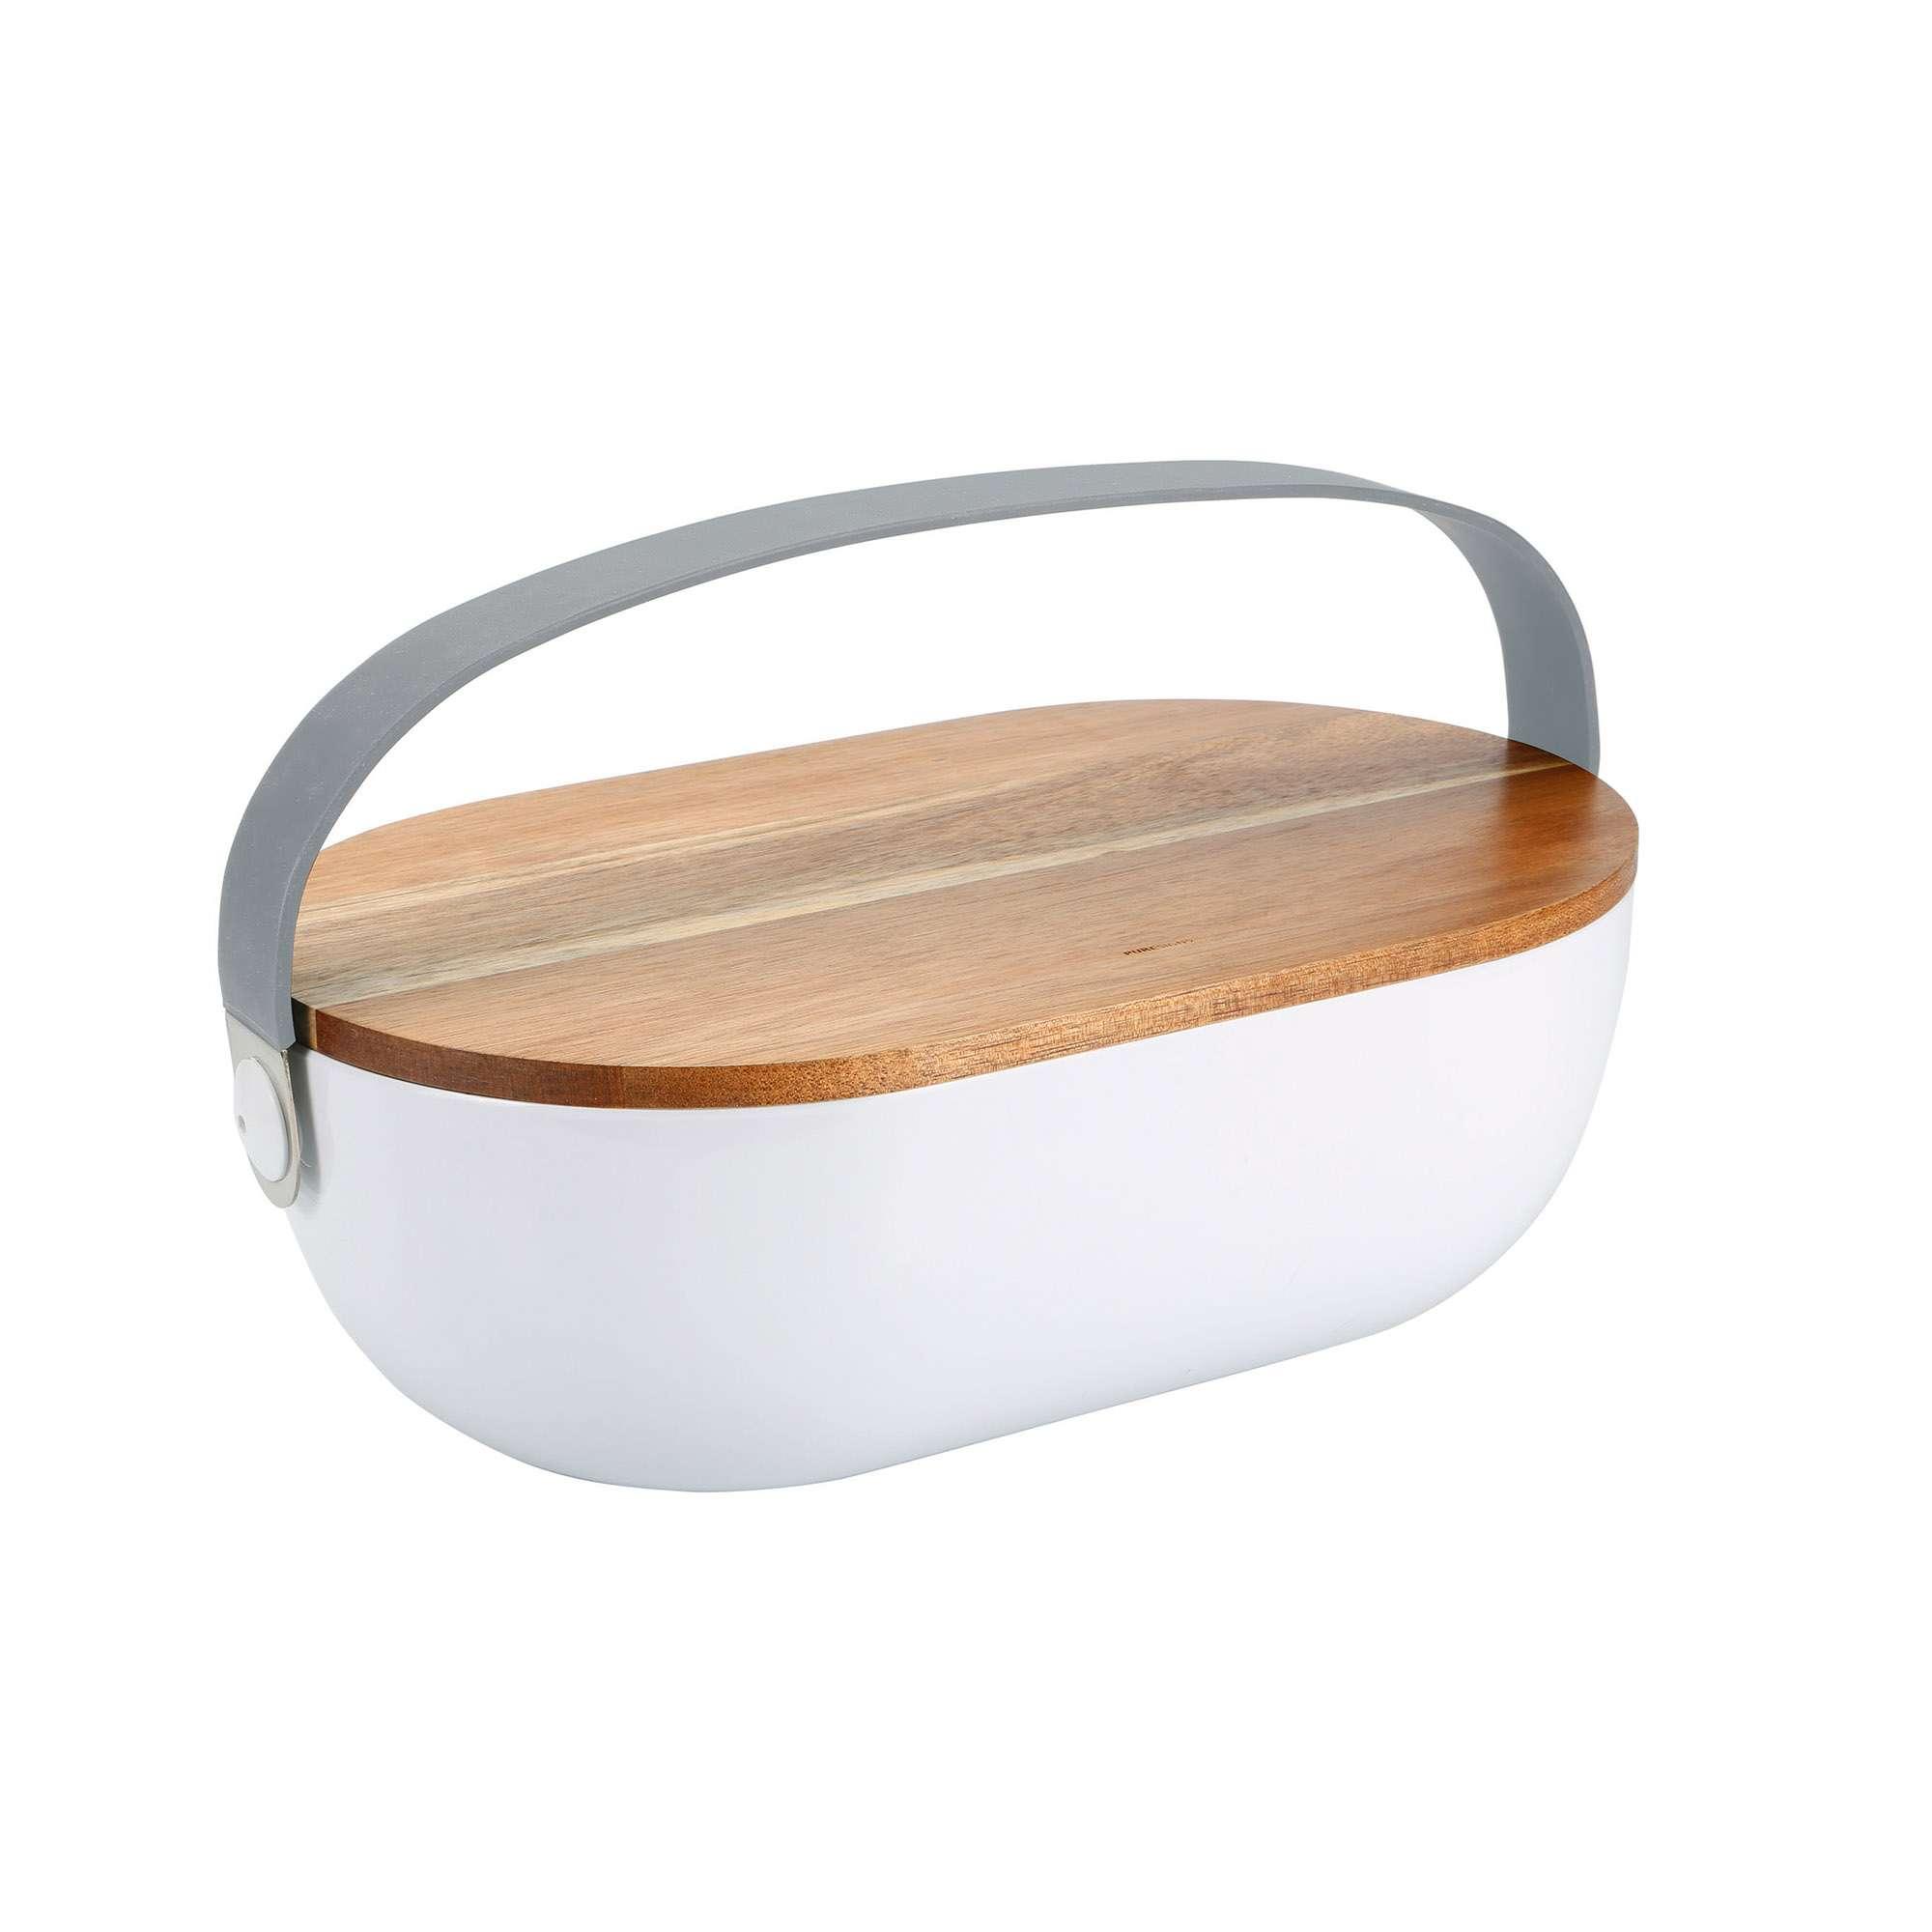 Holz Wei/ß Elegante Marken Brotkasten 40/x 24/x 31/cm